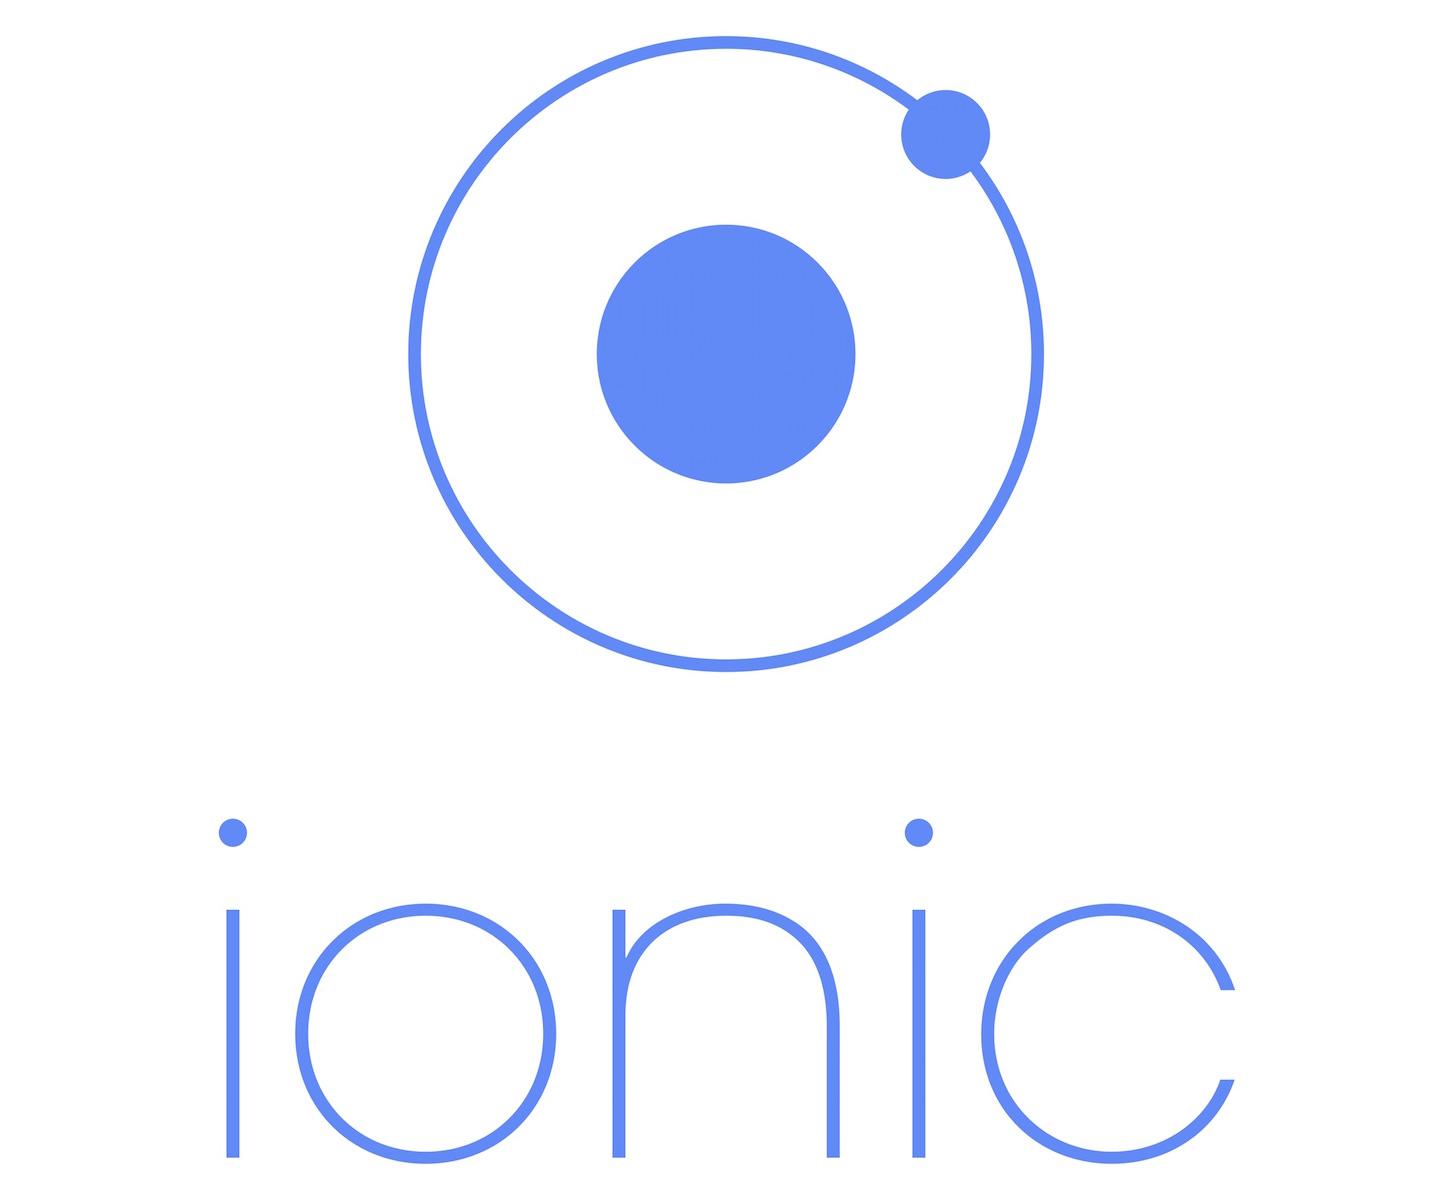 ionic에서 안드로이드 Back버튼 앱 종료 방지 방법